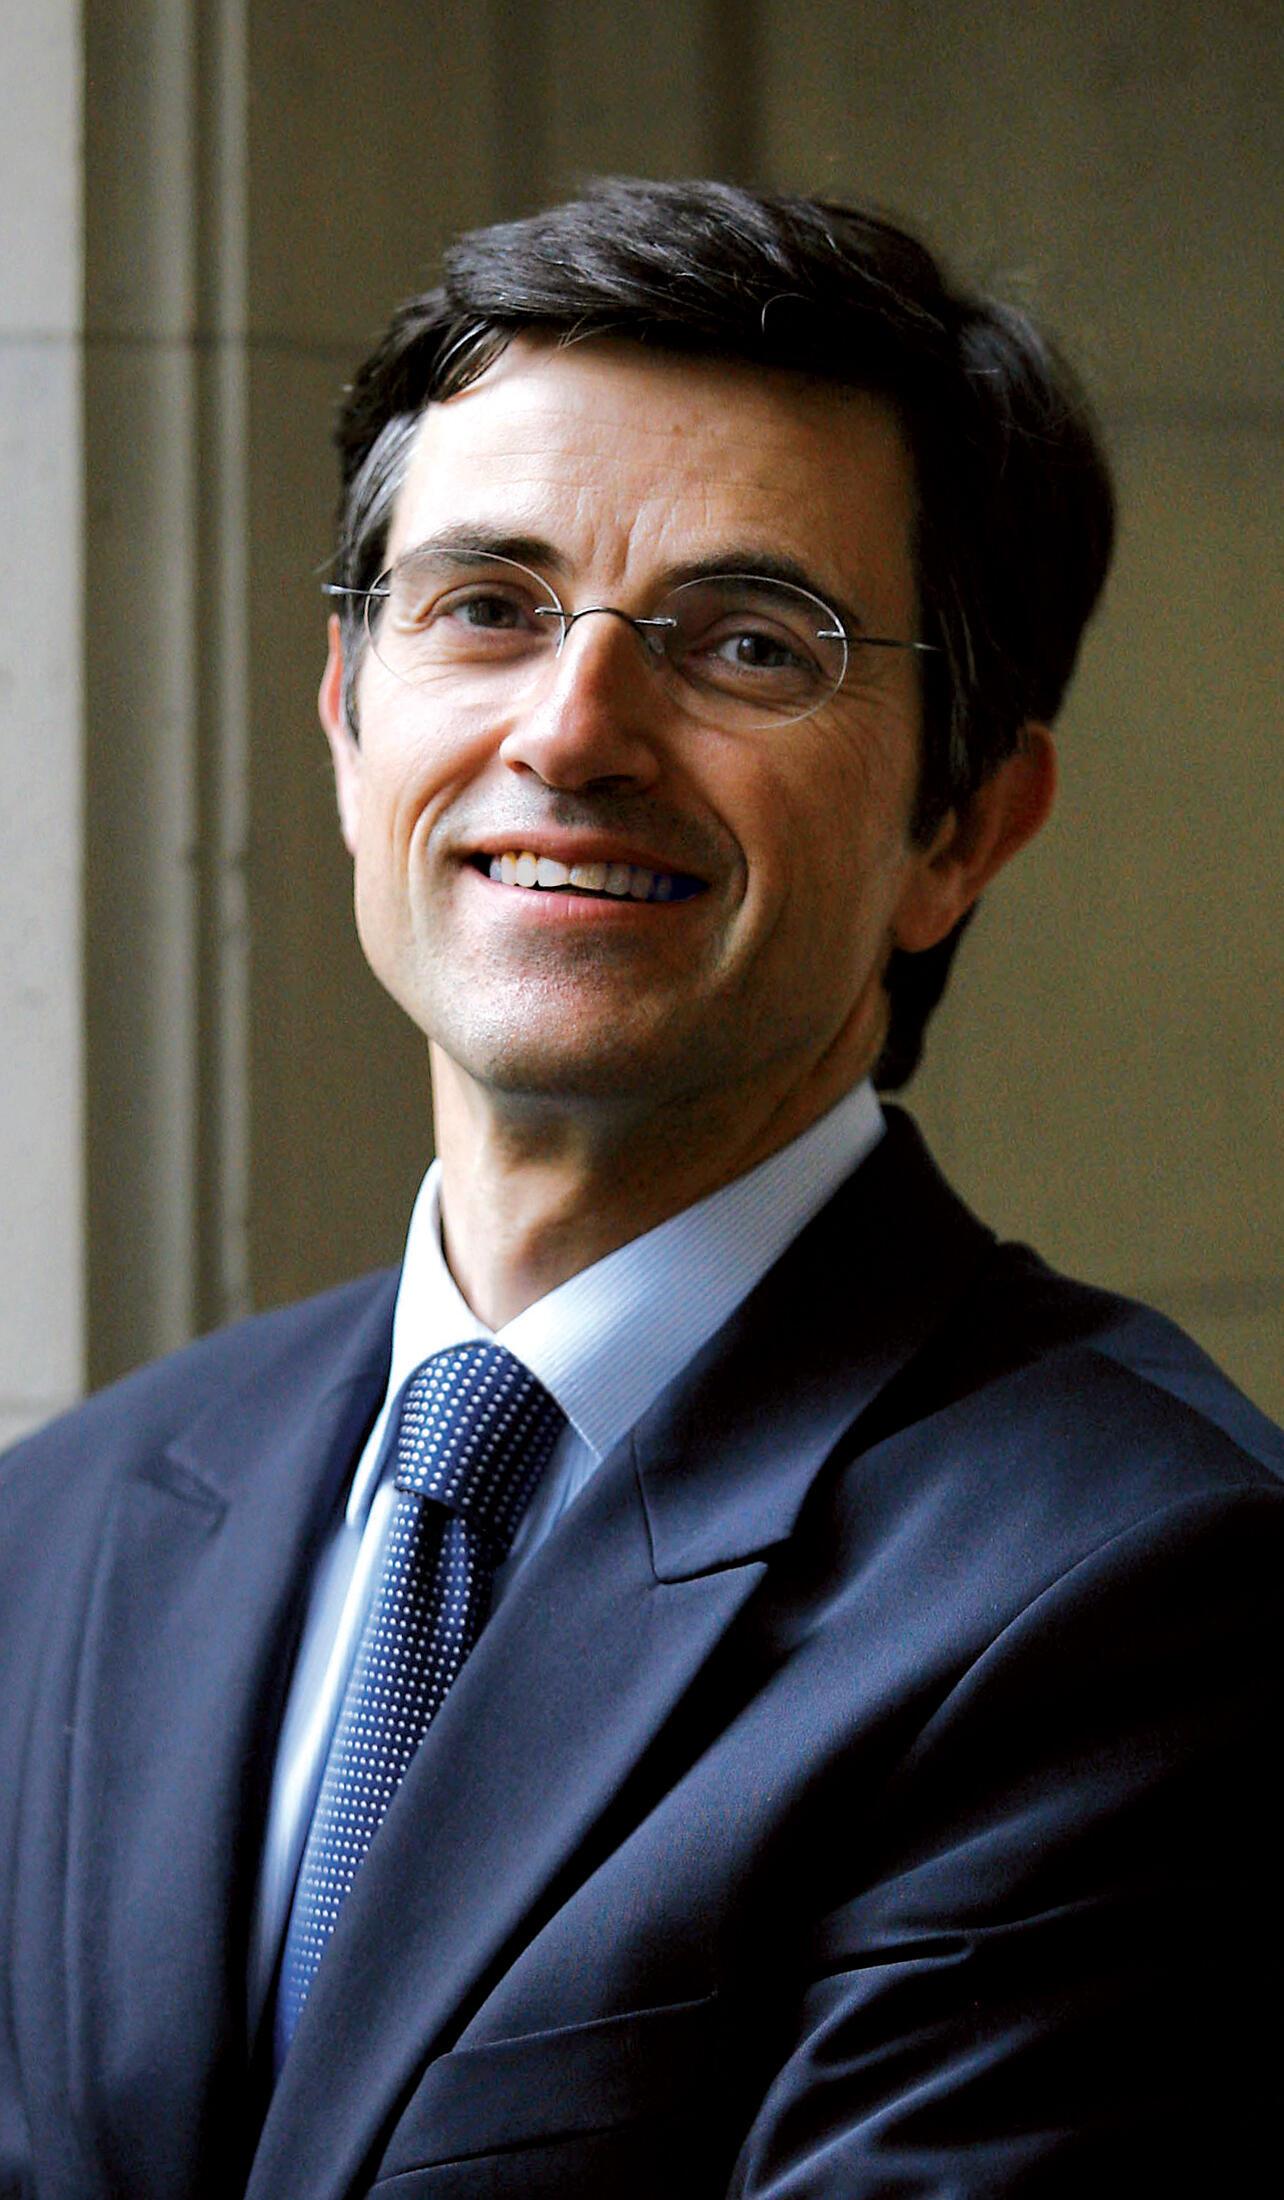 Мэр Версаля и основатель фестиваля «Месяц Мольера» Франсуа де Мазьер